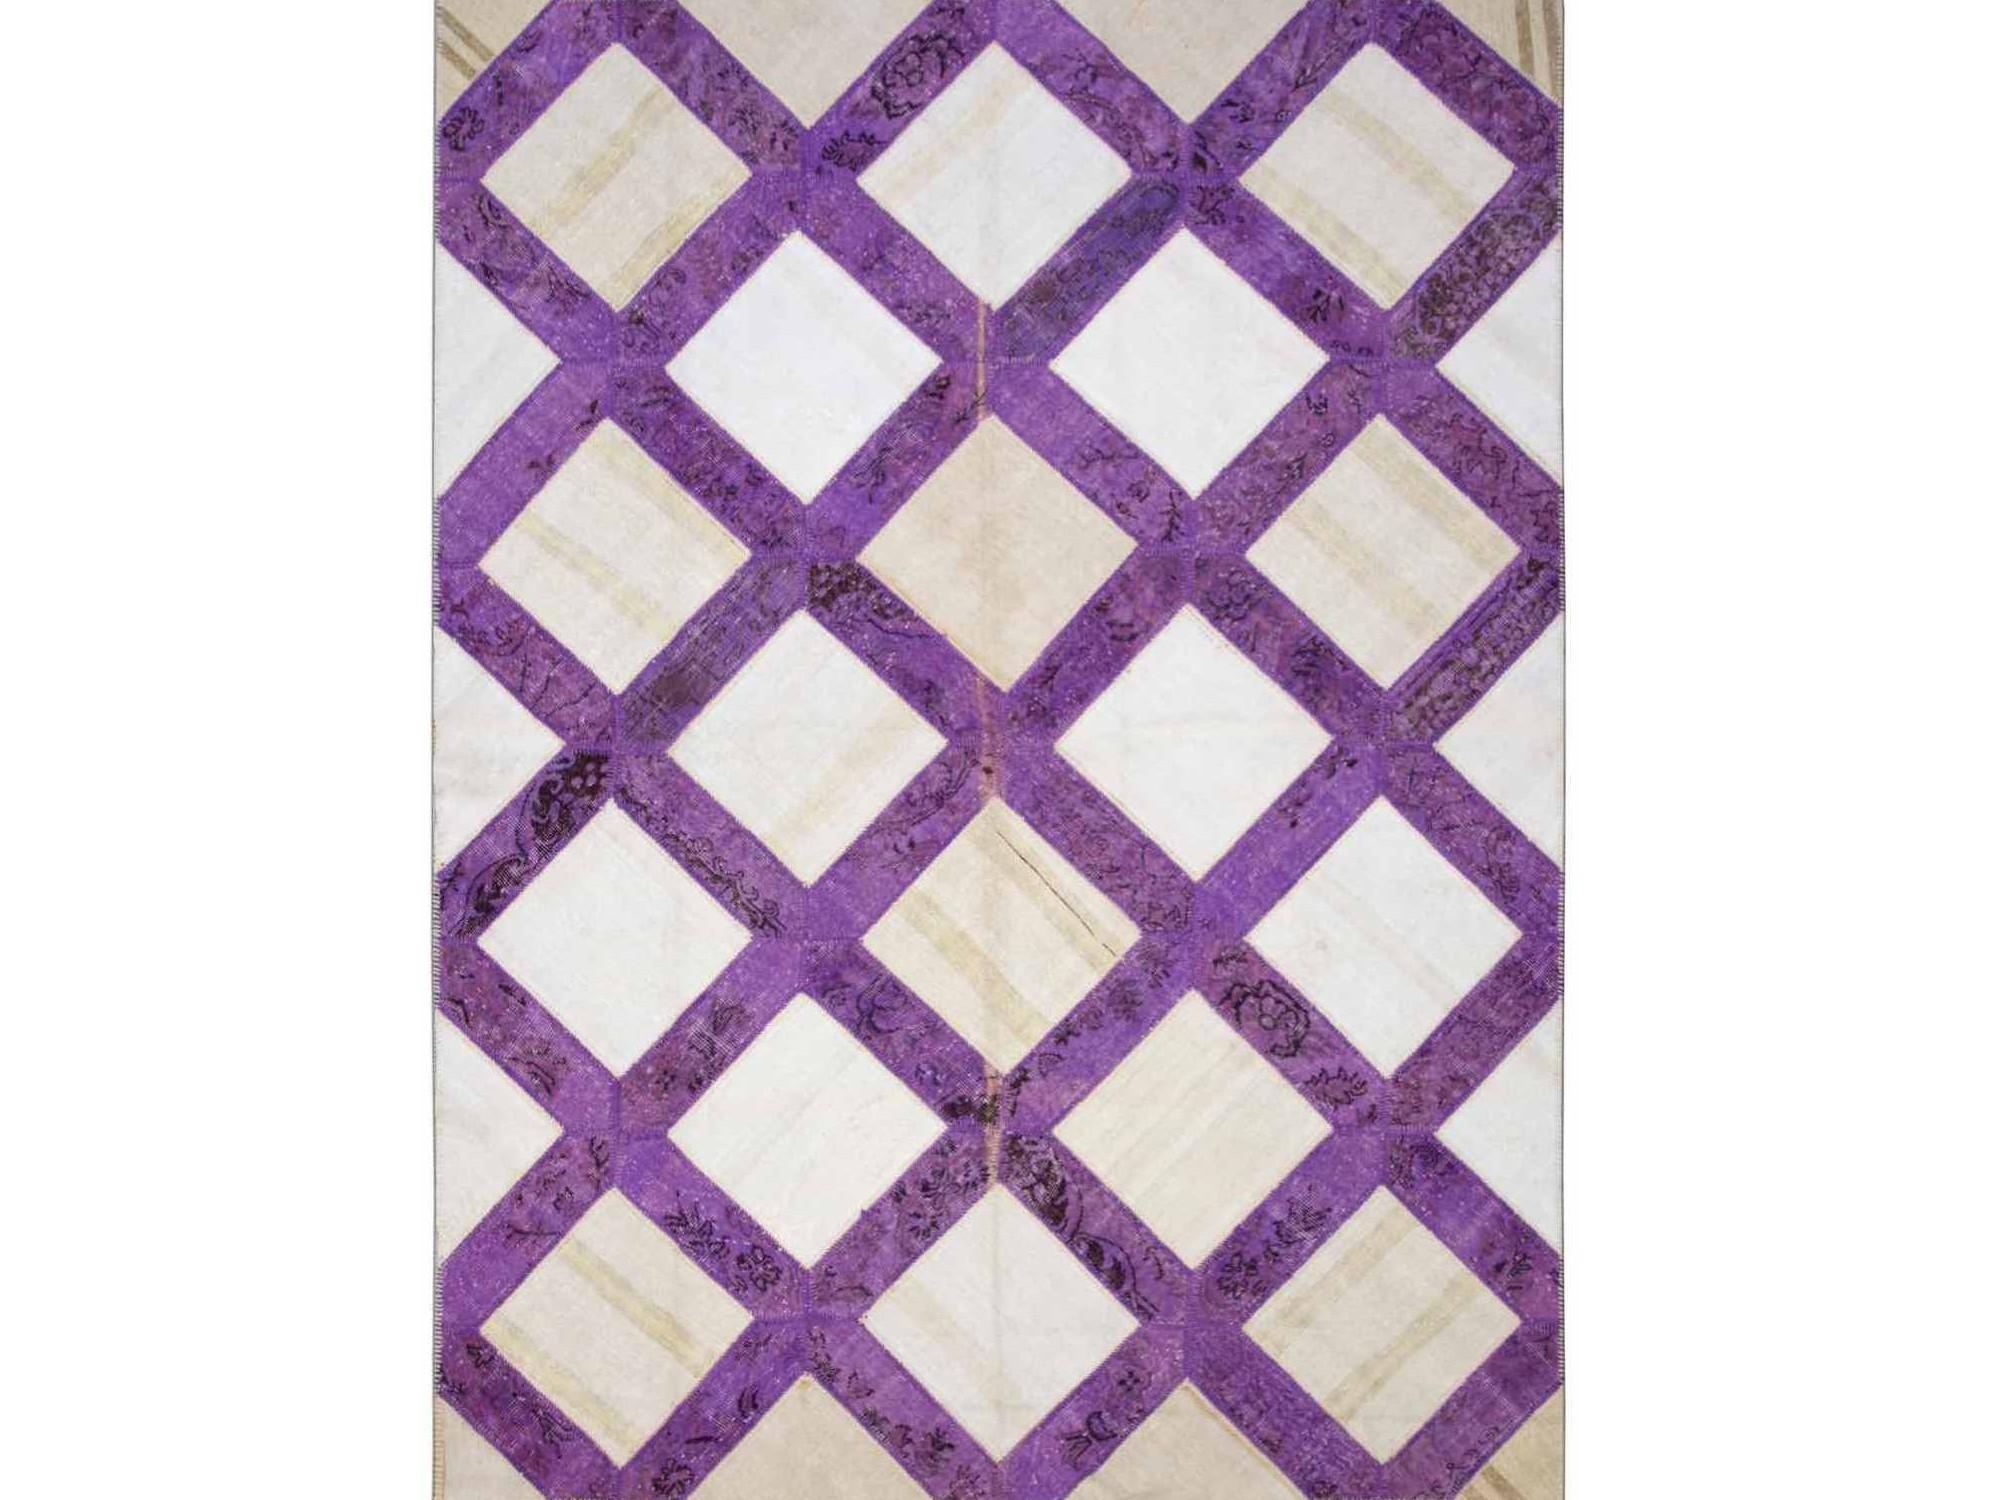 Ковер PatchworkПрямоугольные ковры<br>Винтажный ковер ручной работы в стиле &amp;quot;пэчворк&amp;quot; <br>из 100% шерсти. Ковер прекрасно подходит в <br>любые современные и классические интерьеры, <br>а благодаря толщине ковра всего 5 мм. и отсутствию <br>ворса, его легко чистить любыми видами пылесосов. <br>Этот настоящий ковер ручной работы не потеряет <br>своих красок и будет служить десятилетия.<br><br>Material: Шерсть<br>Width см: 241<br>Depth см: 323